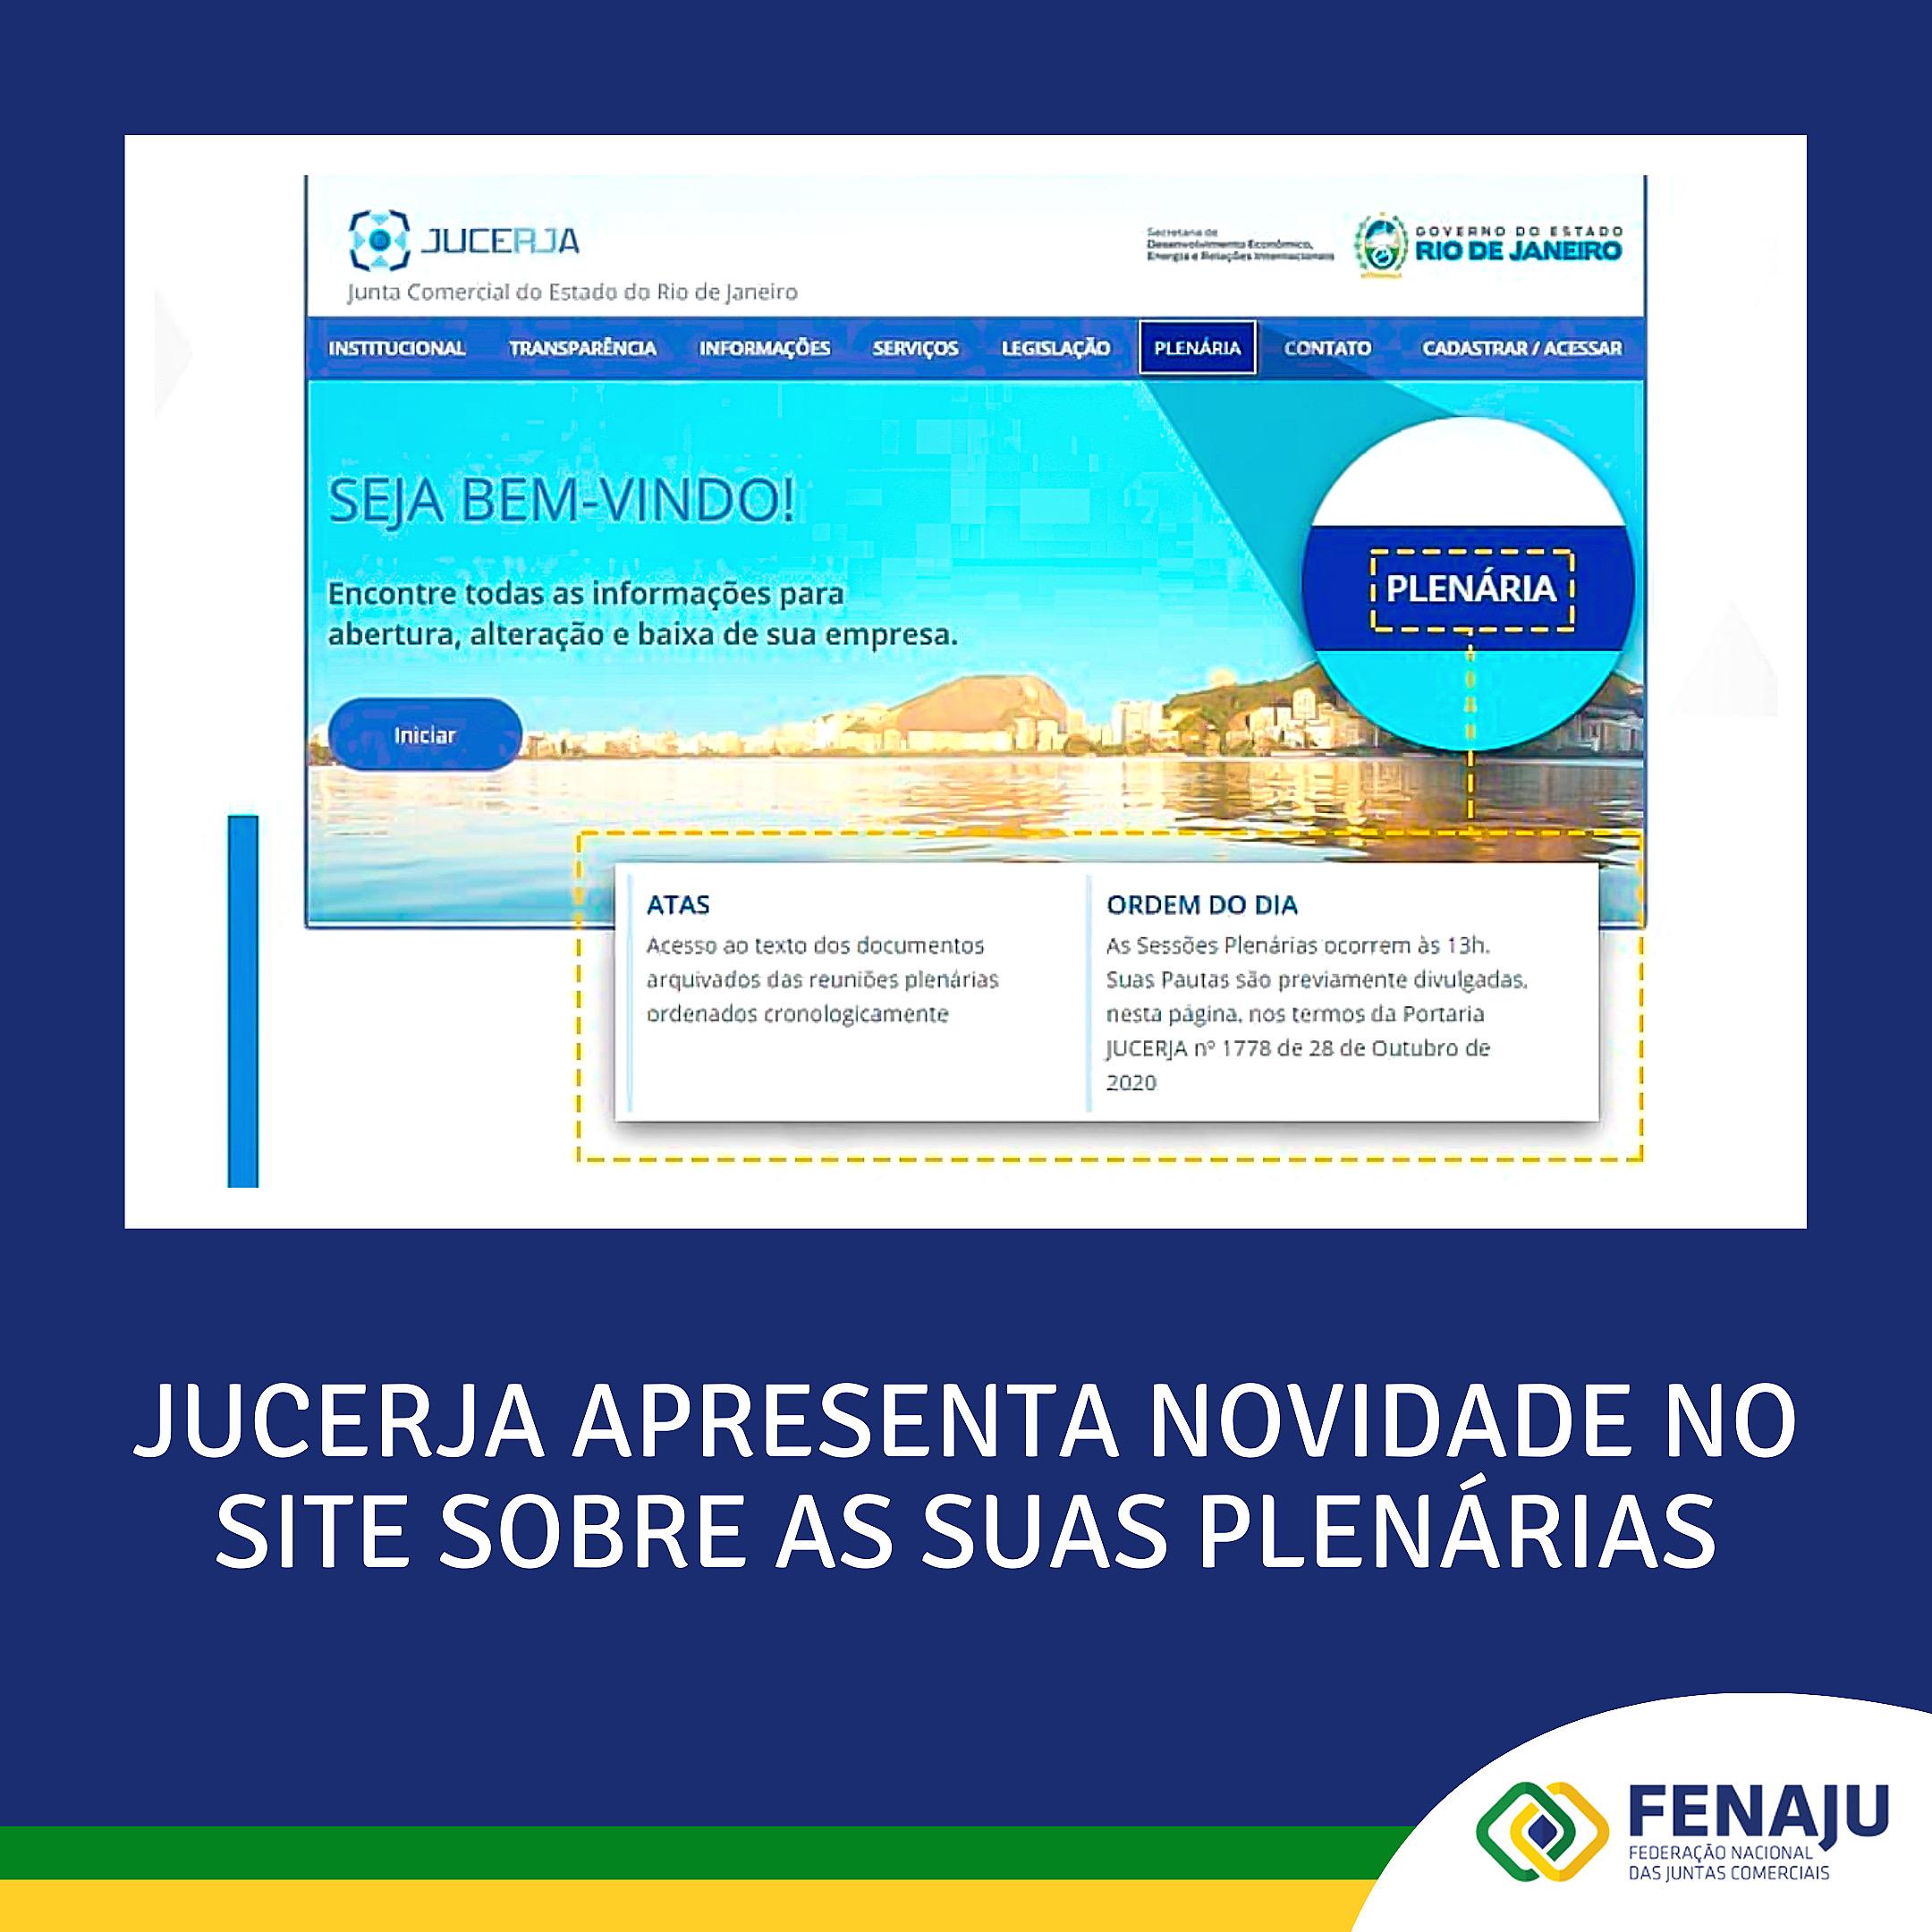 JUCERJA apresenta novidade no site sobre as suas plenárias